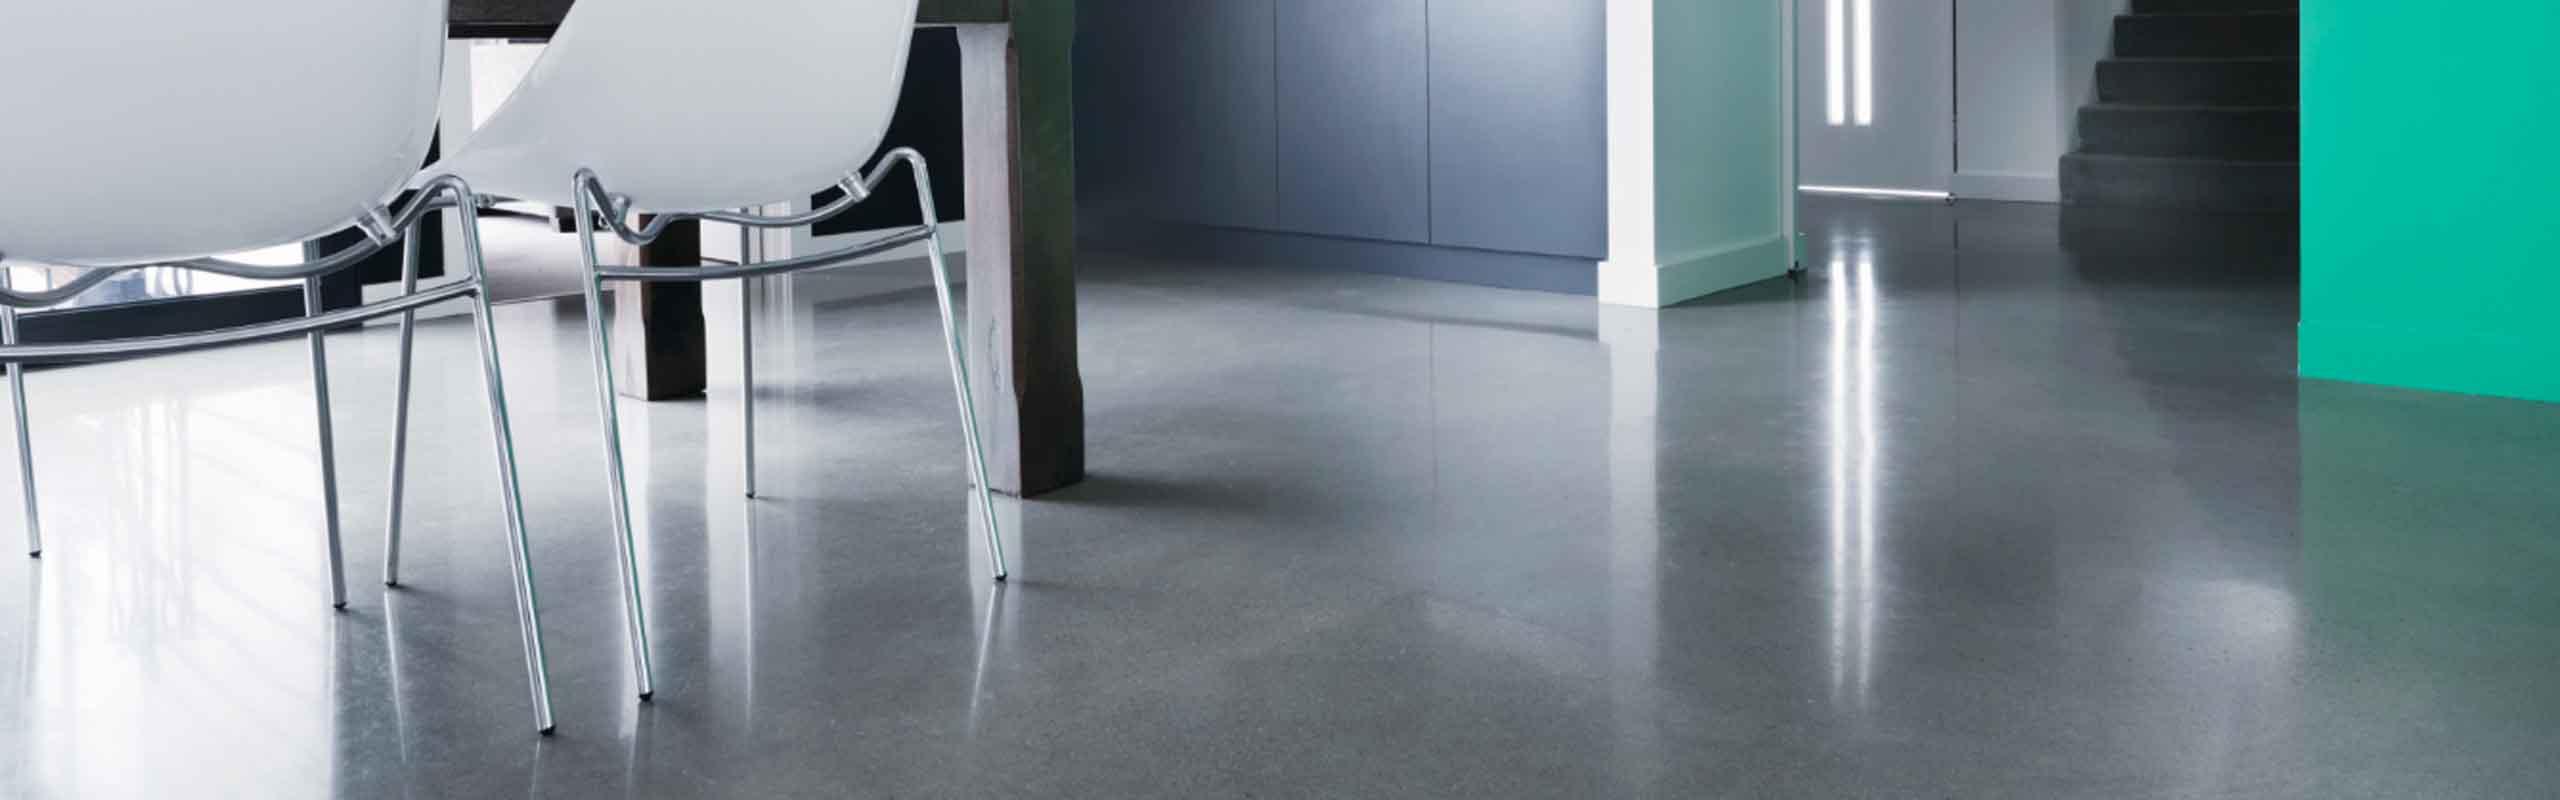 Polished Concrete Floors Polished Concrete Floors Norfolk